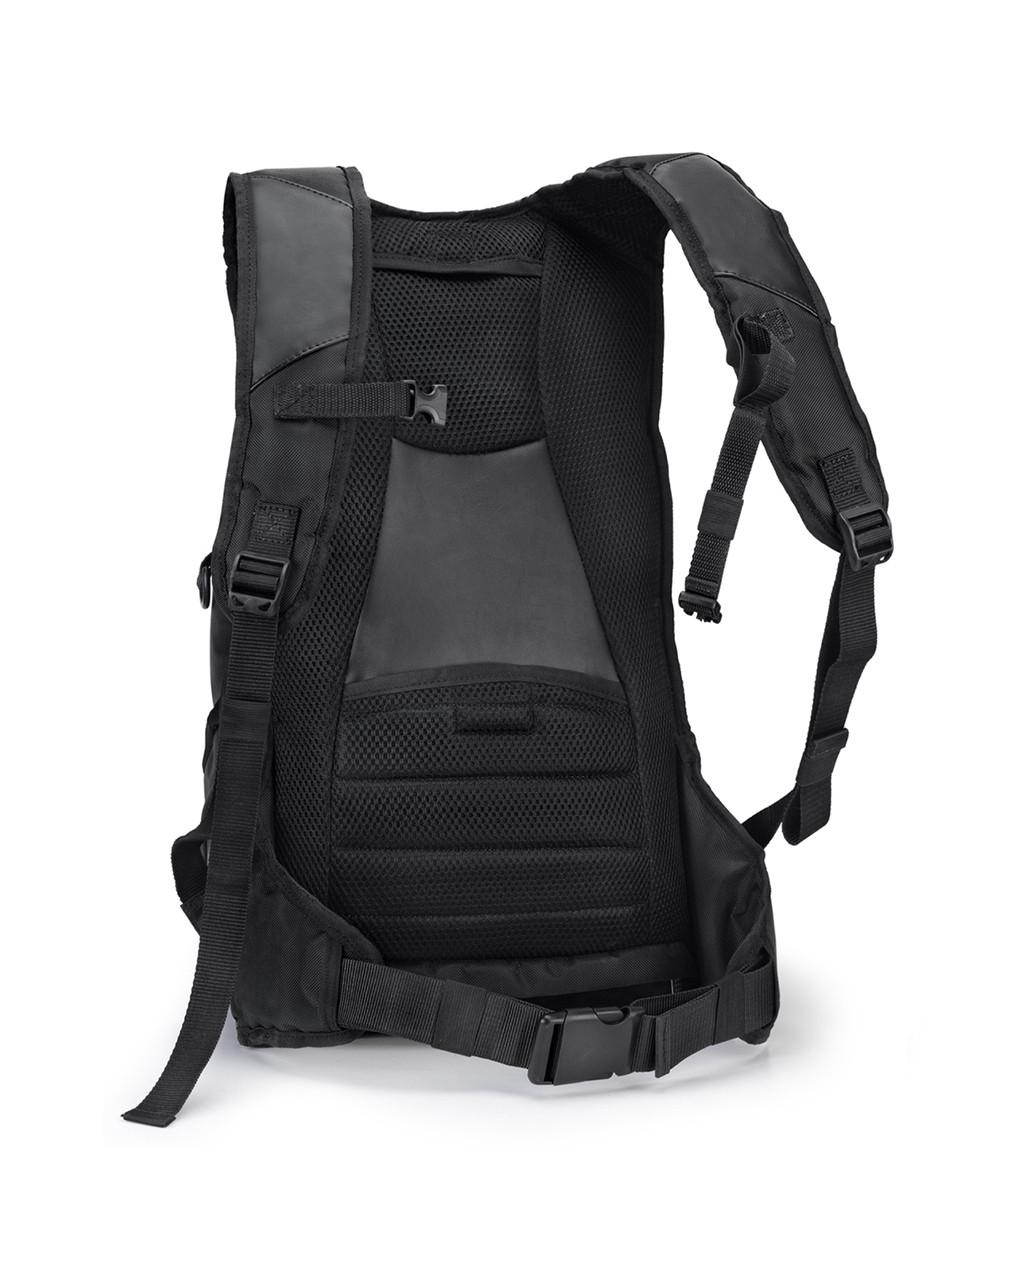 Viking Large Black Backpack For Harley Davidson Back View